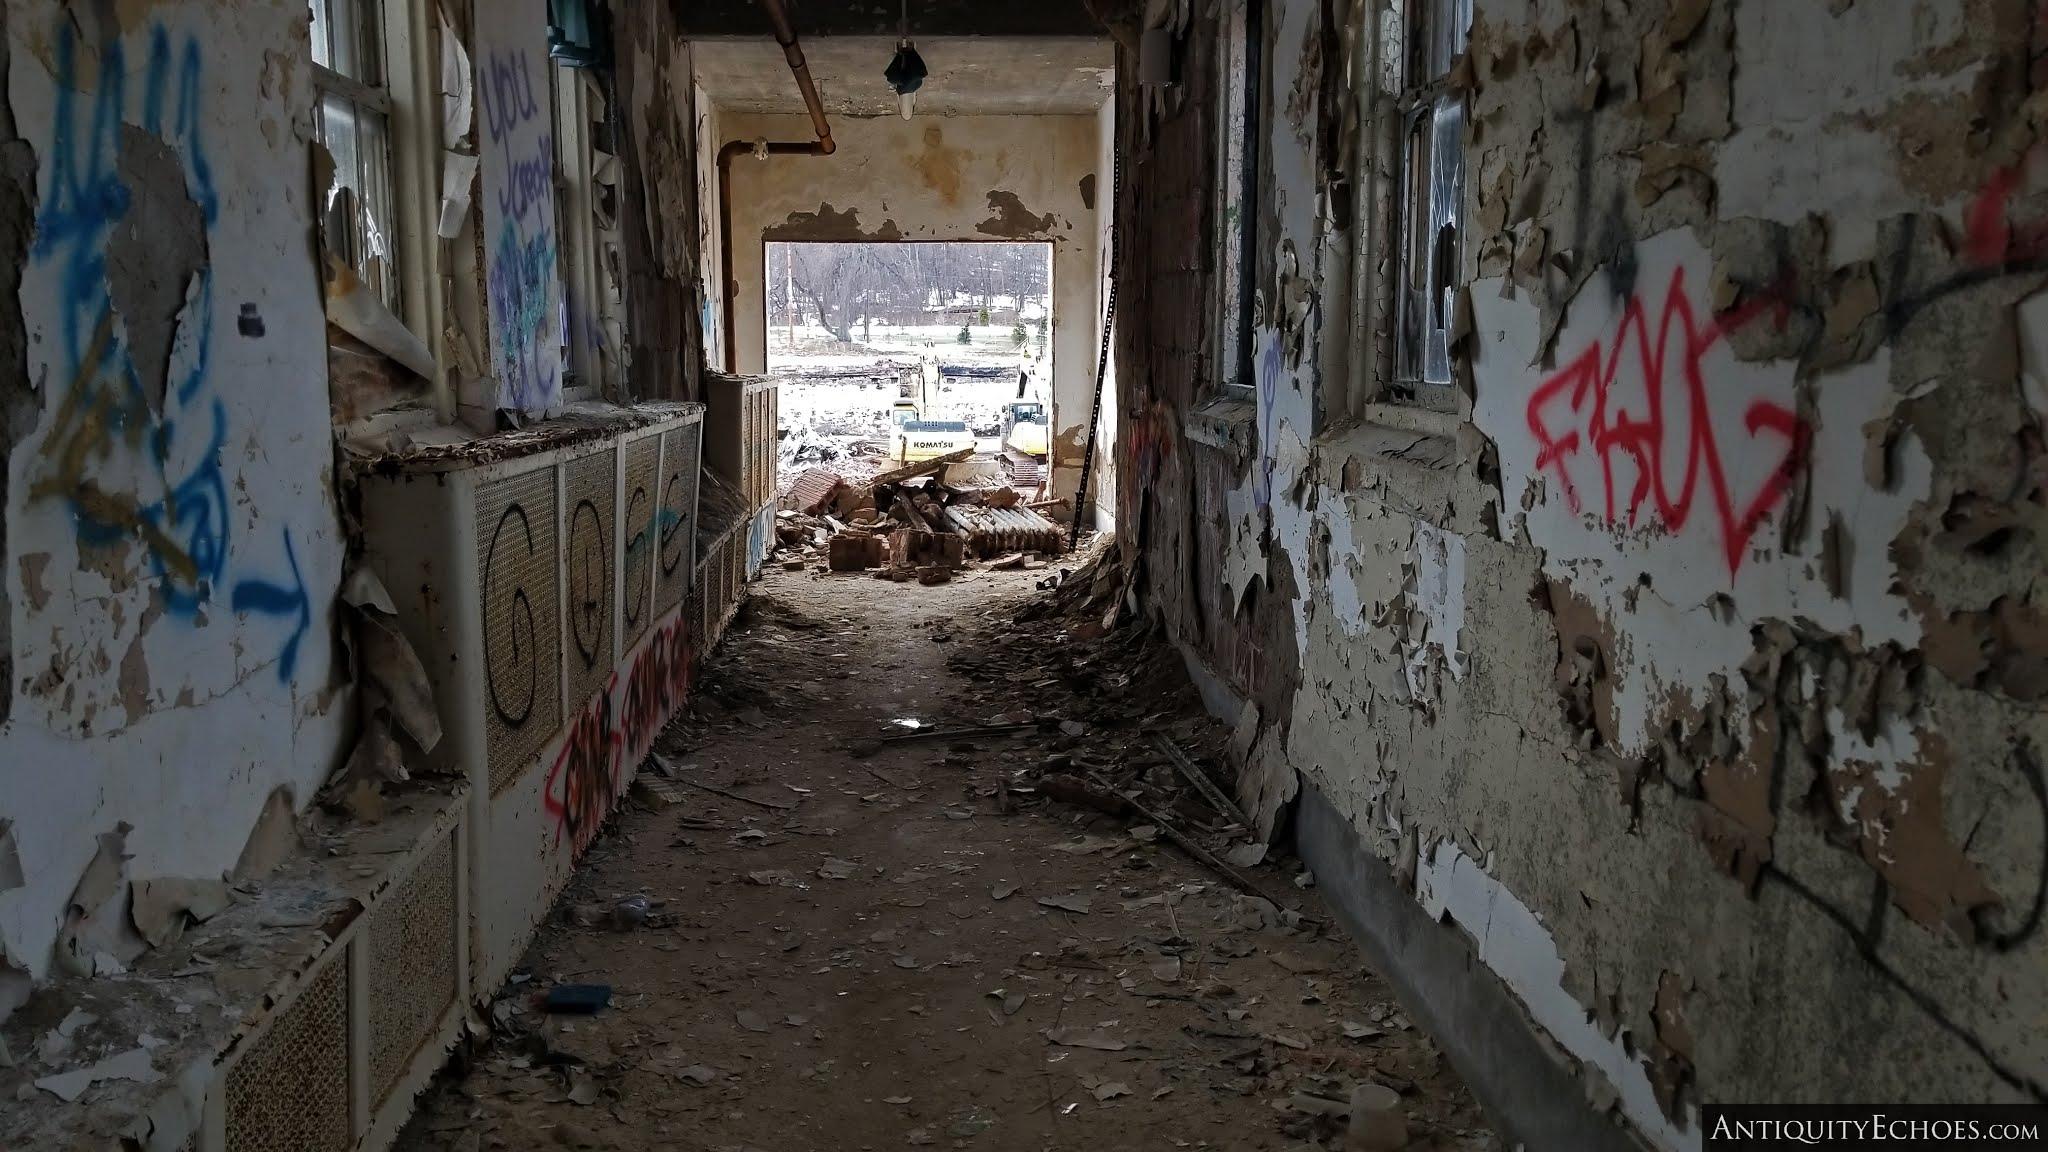 Overbrook Asylum - An Abrupt End